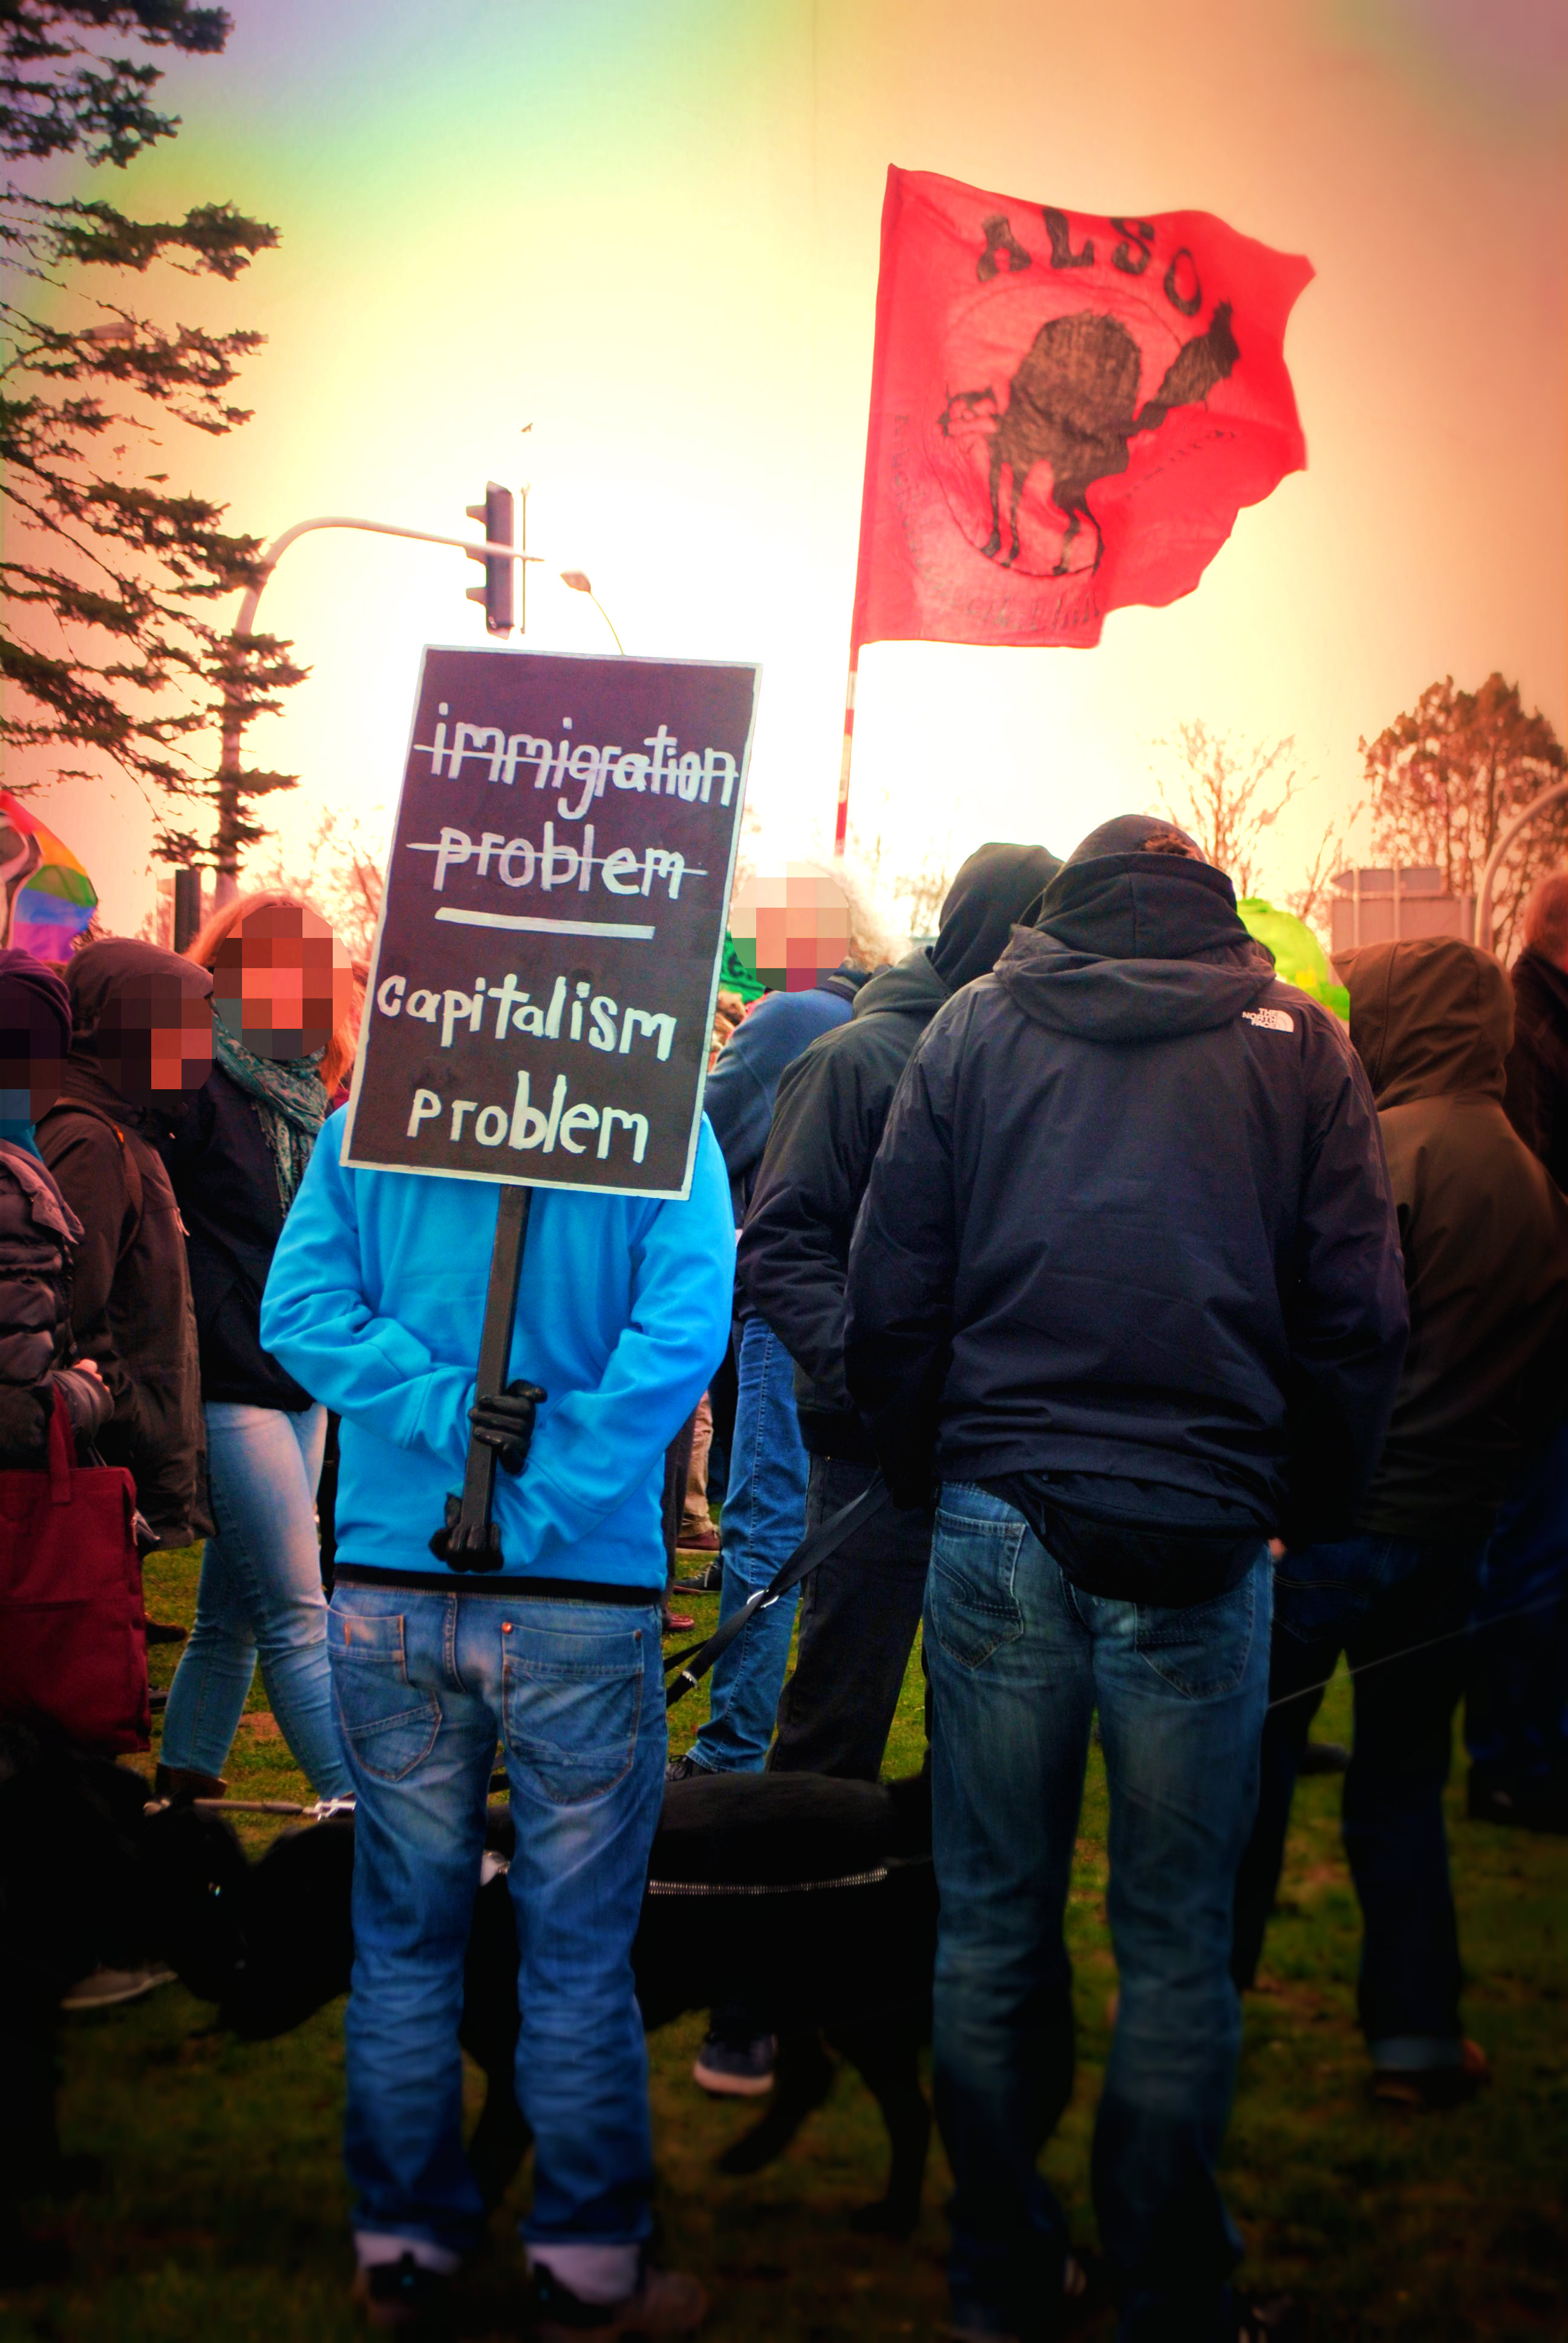 Bildunterschrift: Solidarität mit den betroffenen ArbeiterInnen: Am 15.3. demonstrierten etwa 200 Menschen in Emsdetten. (Quelle: Offenes Antirassistisches Treffen Emsdetten)